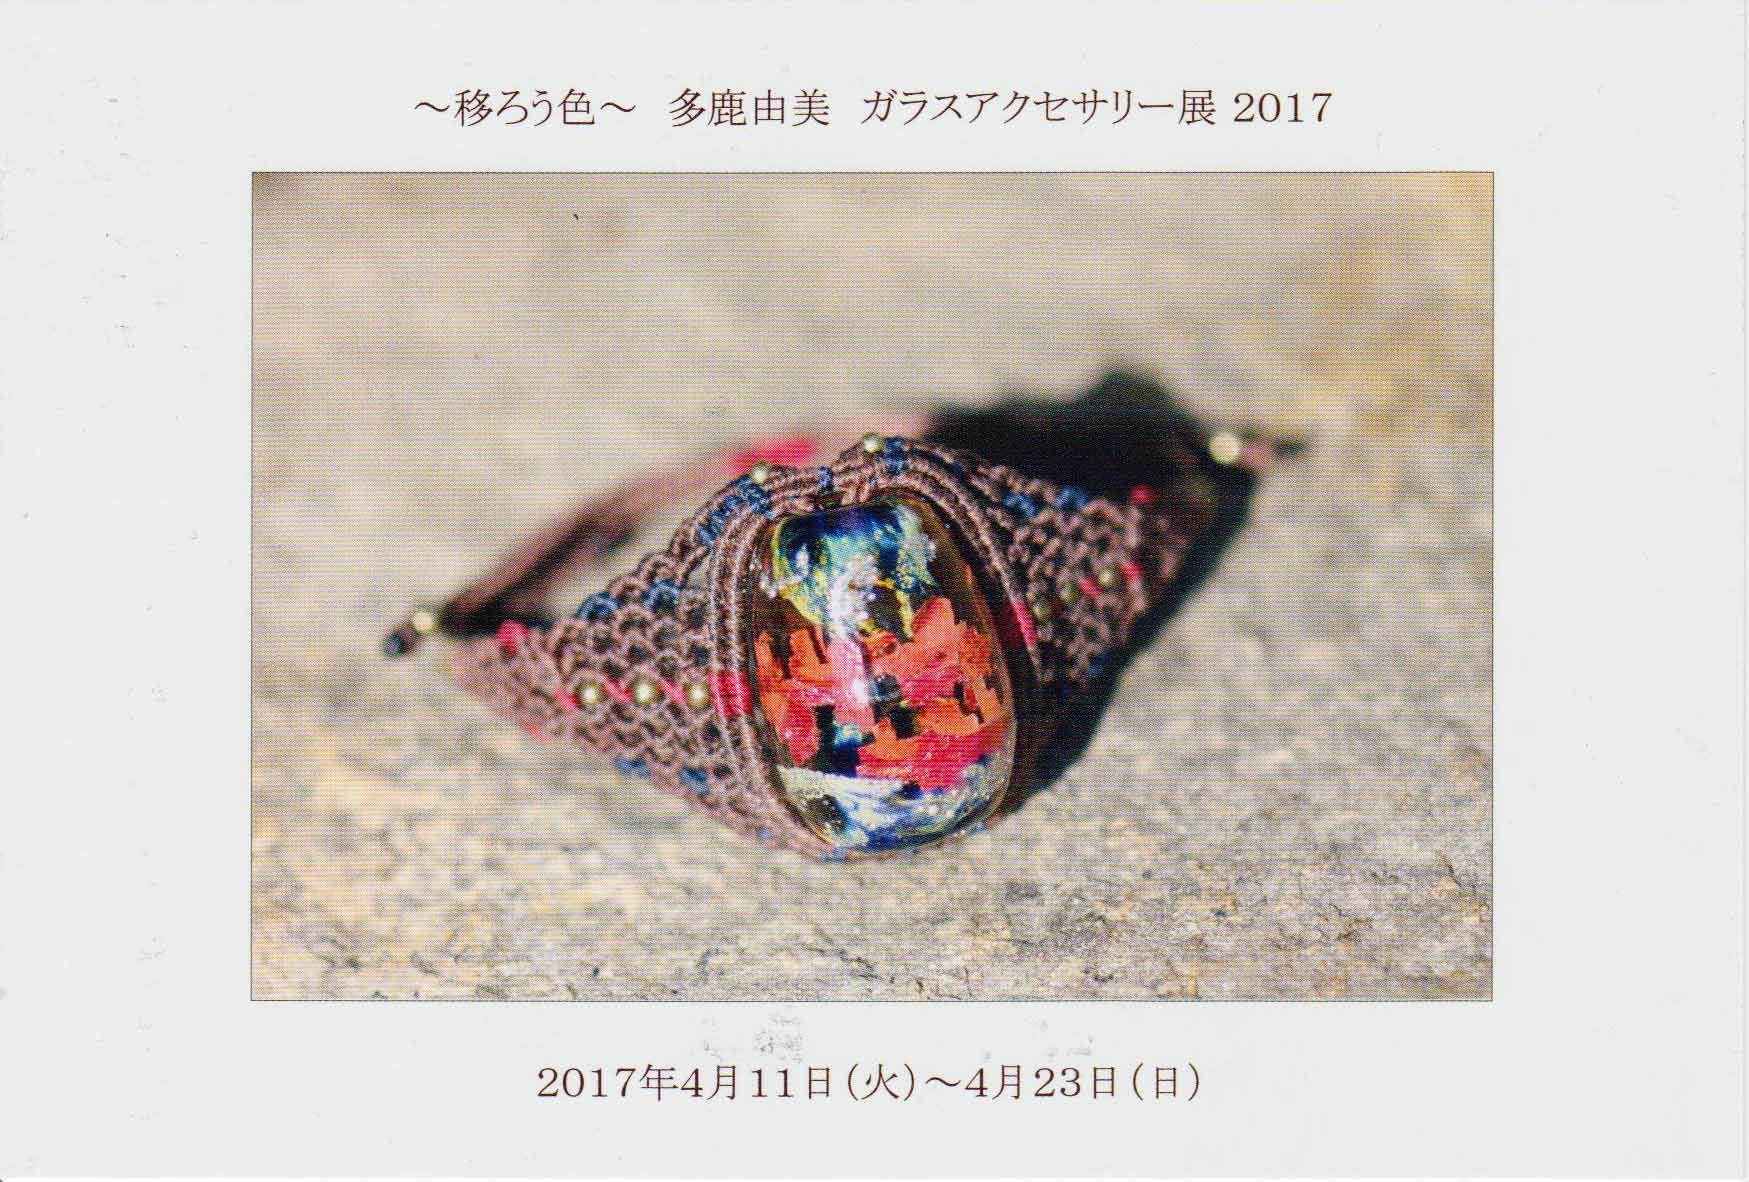 ガラスアクセサリー展2017_a0163516_05082288.jpg